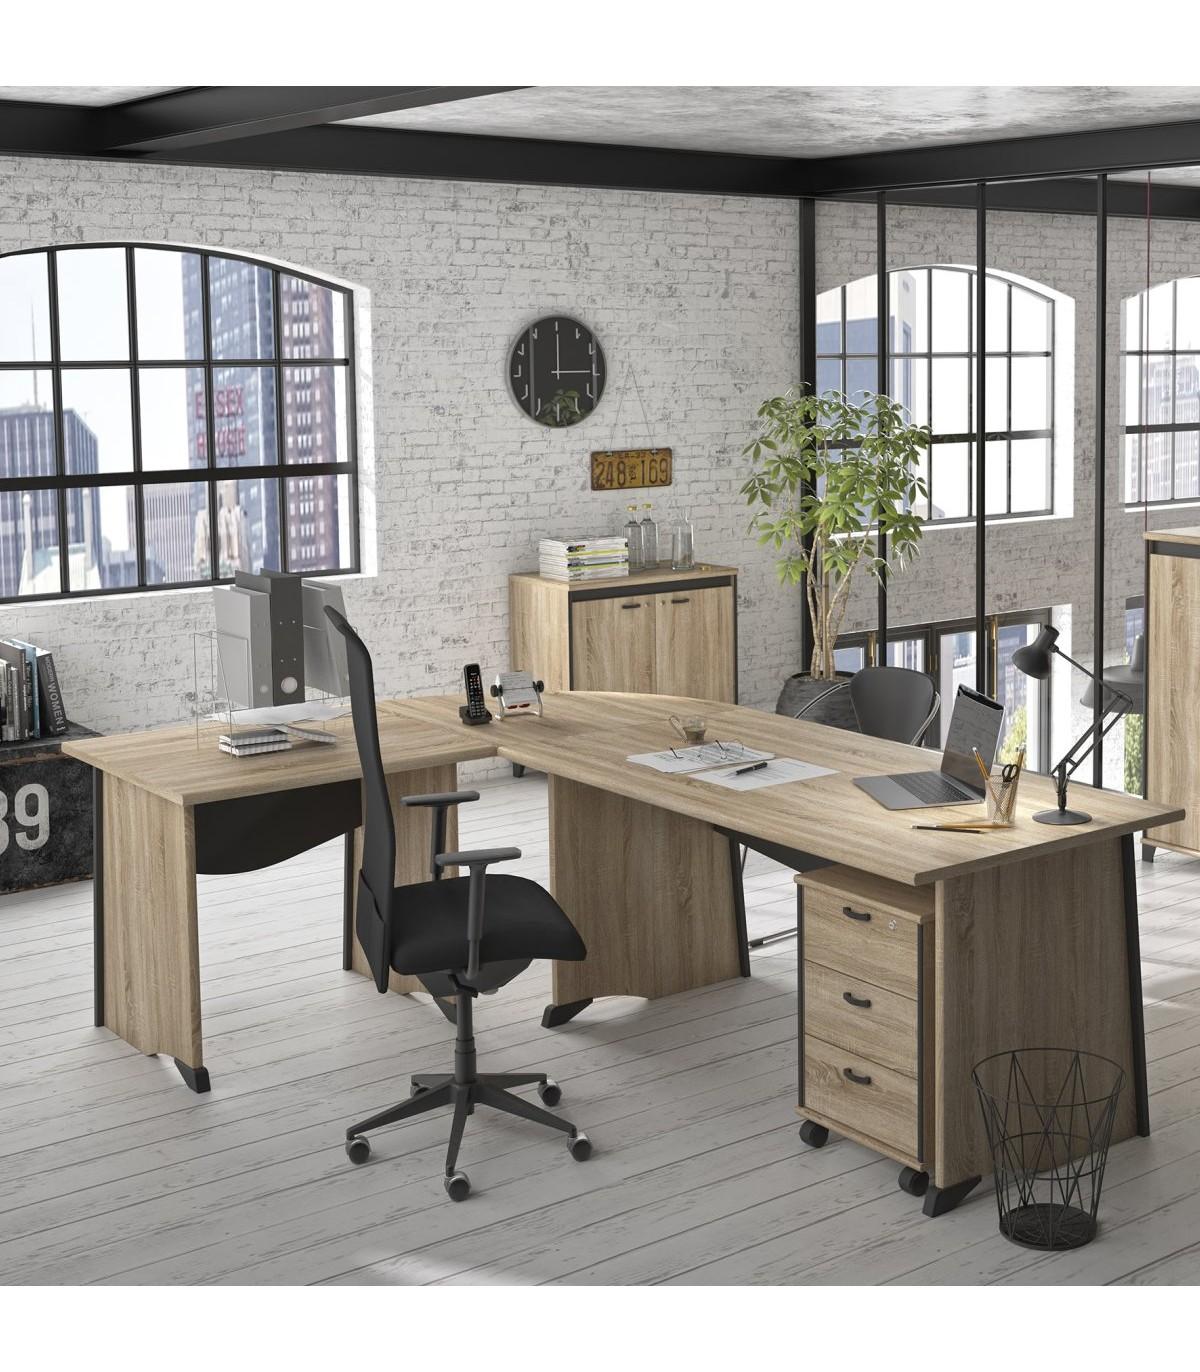 Bureau style industriel avec voile de fond - Beige et Noir